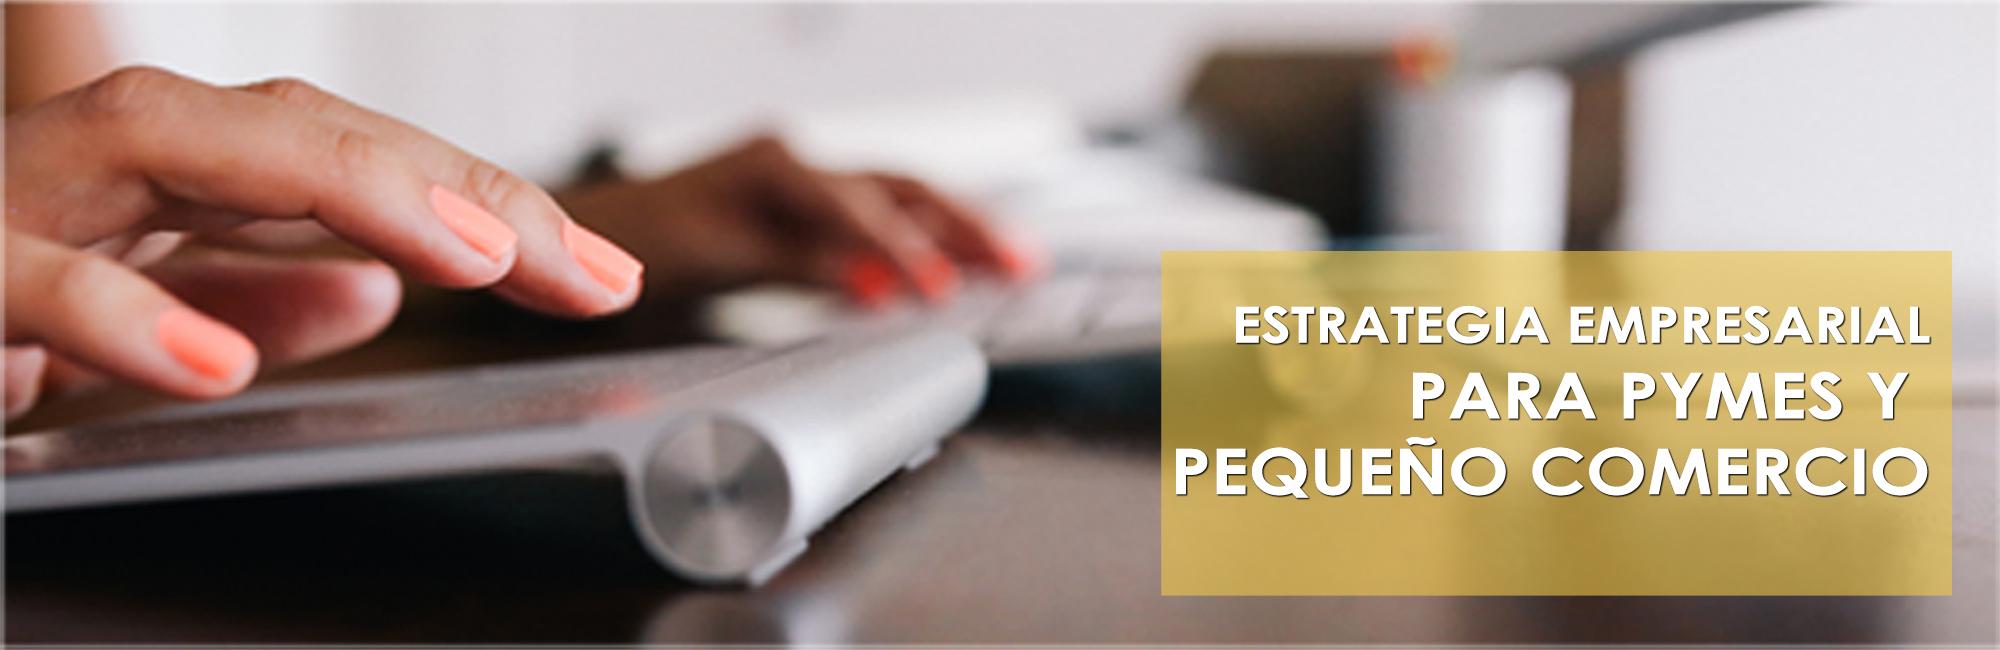 La Barrica Marketing - Estrategia empresarial para Pymes y Pequeño Comercio de Valencia